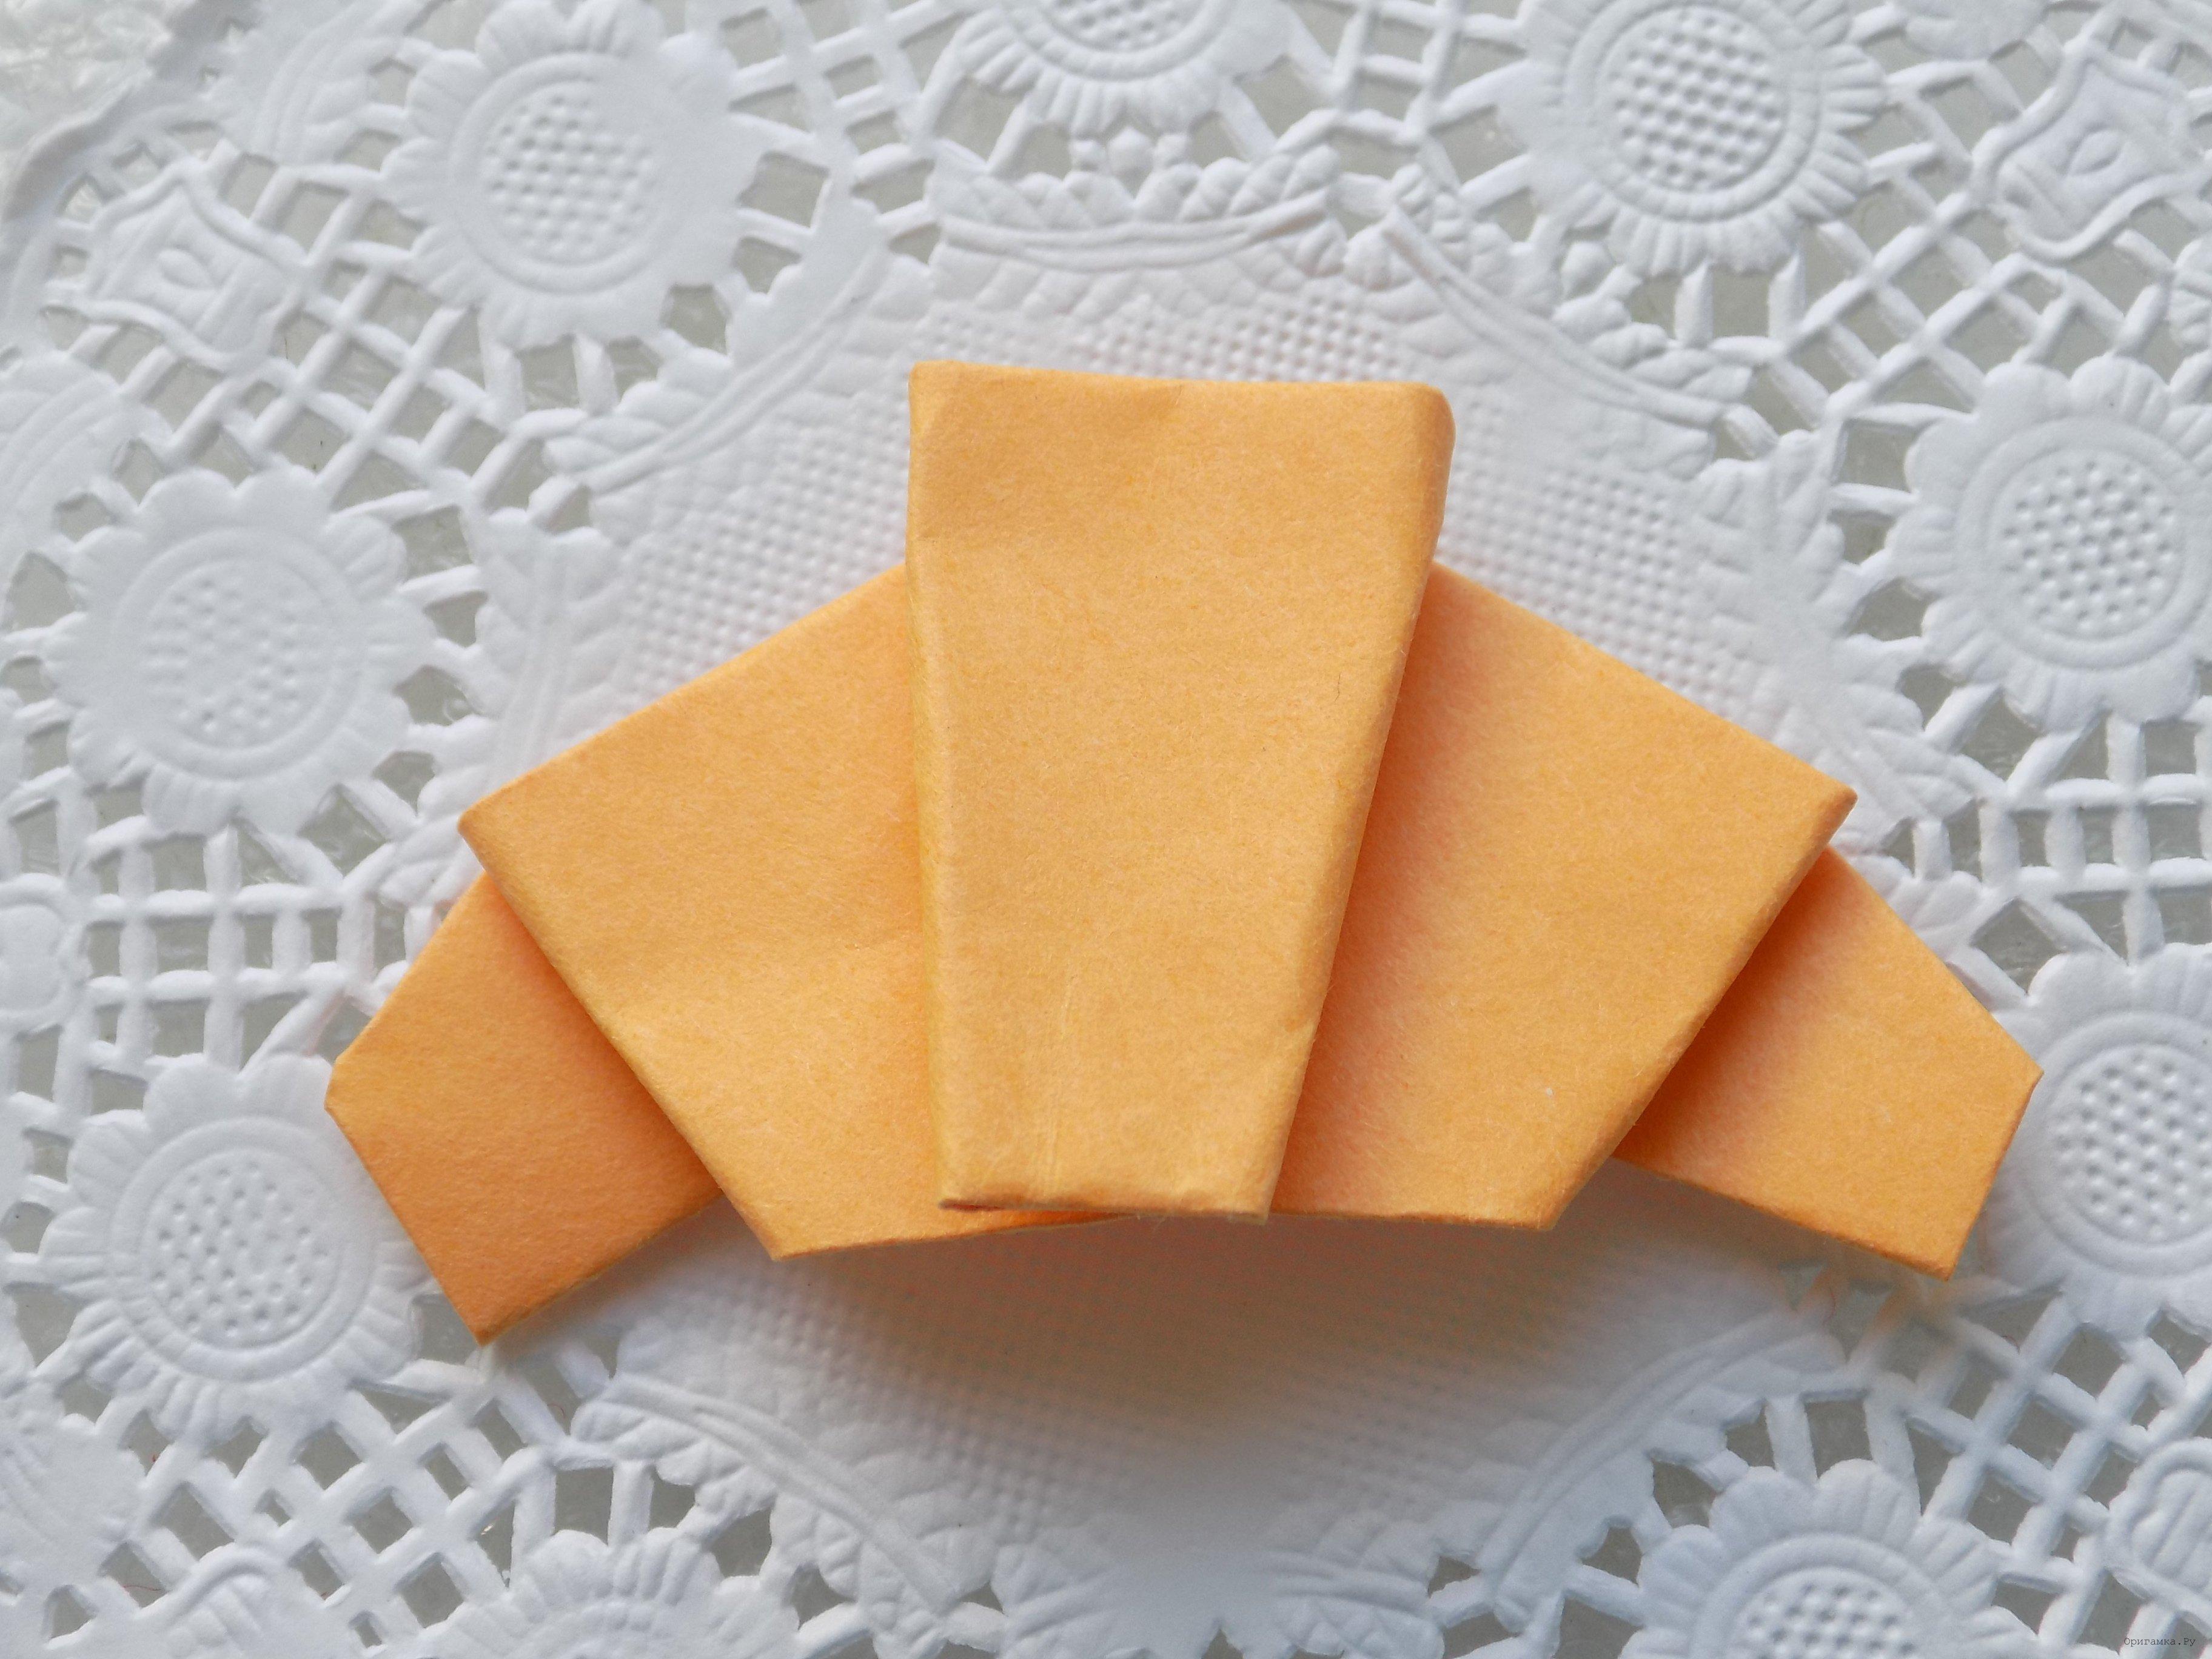 как сделать модель куба из бумаги?пошаговая инструкция